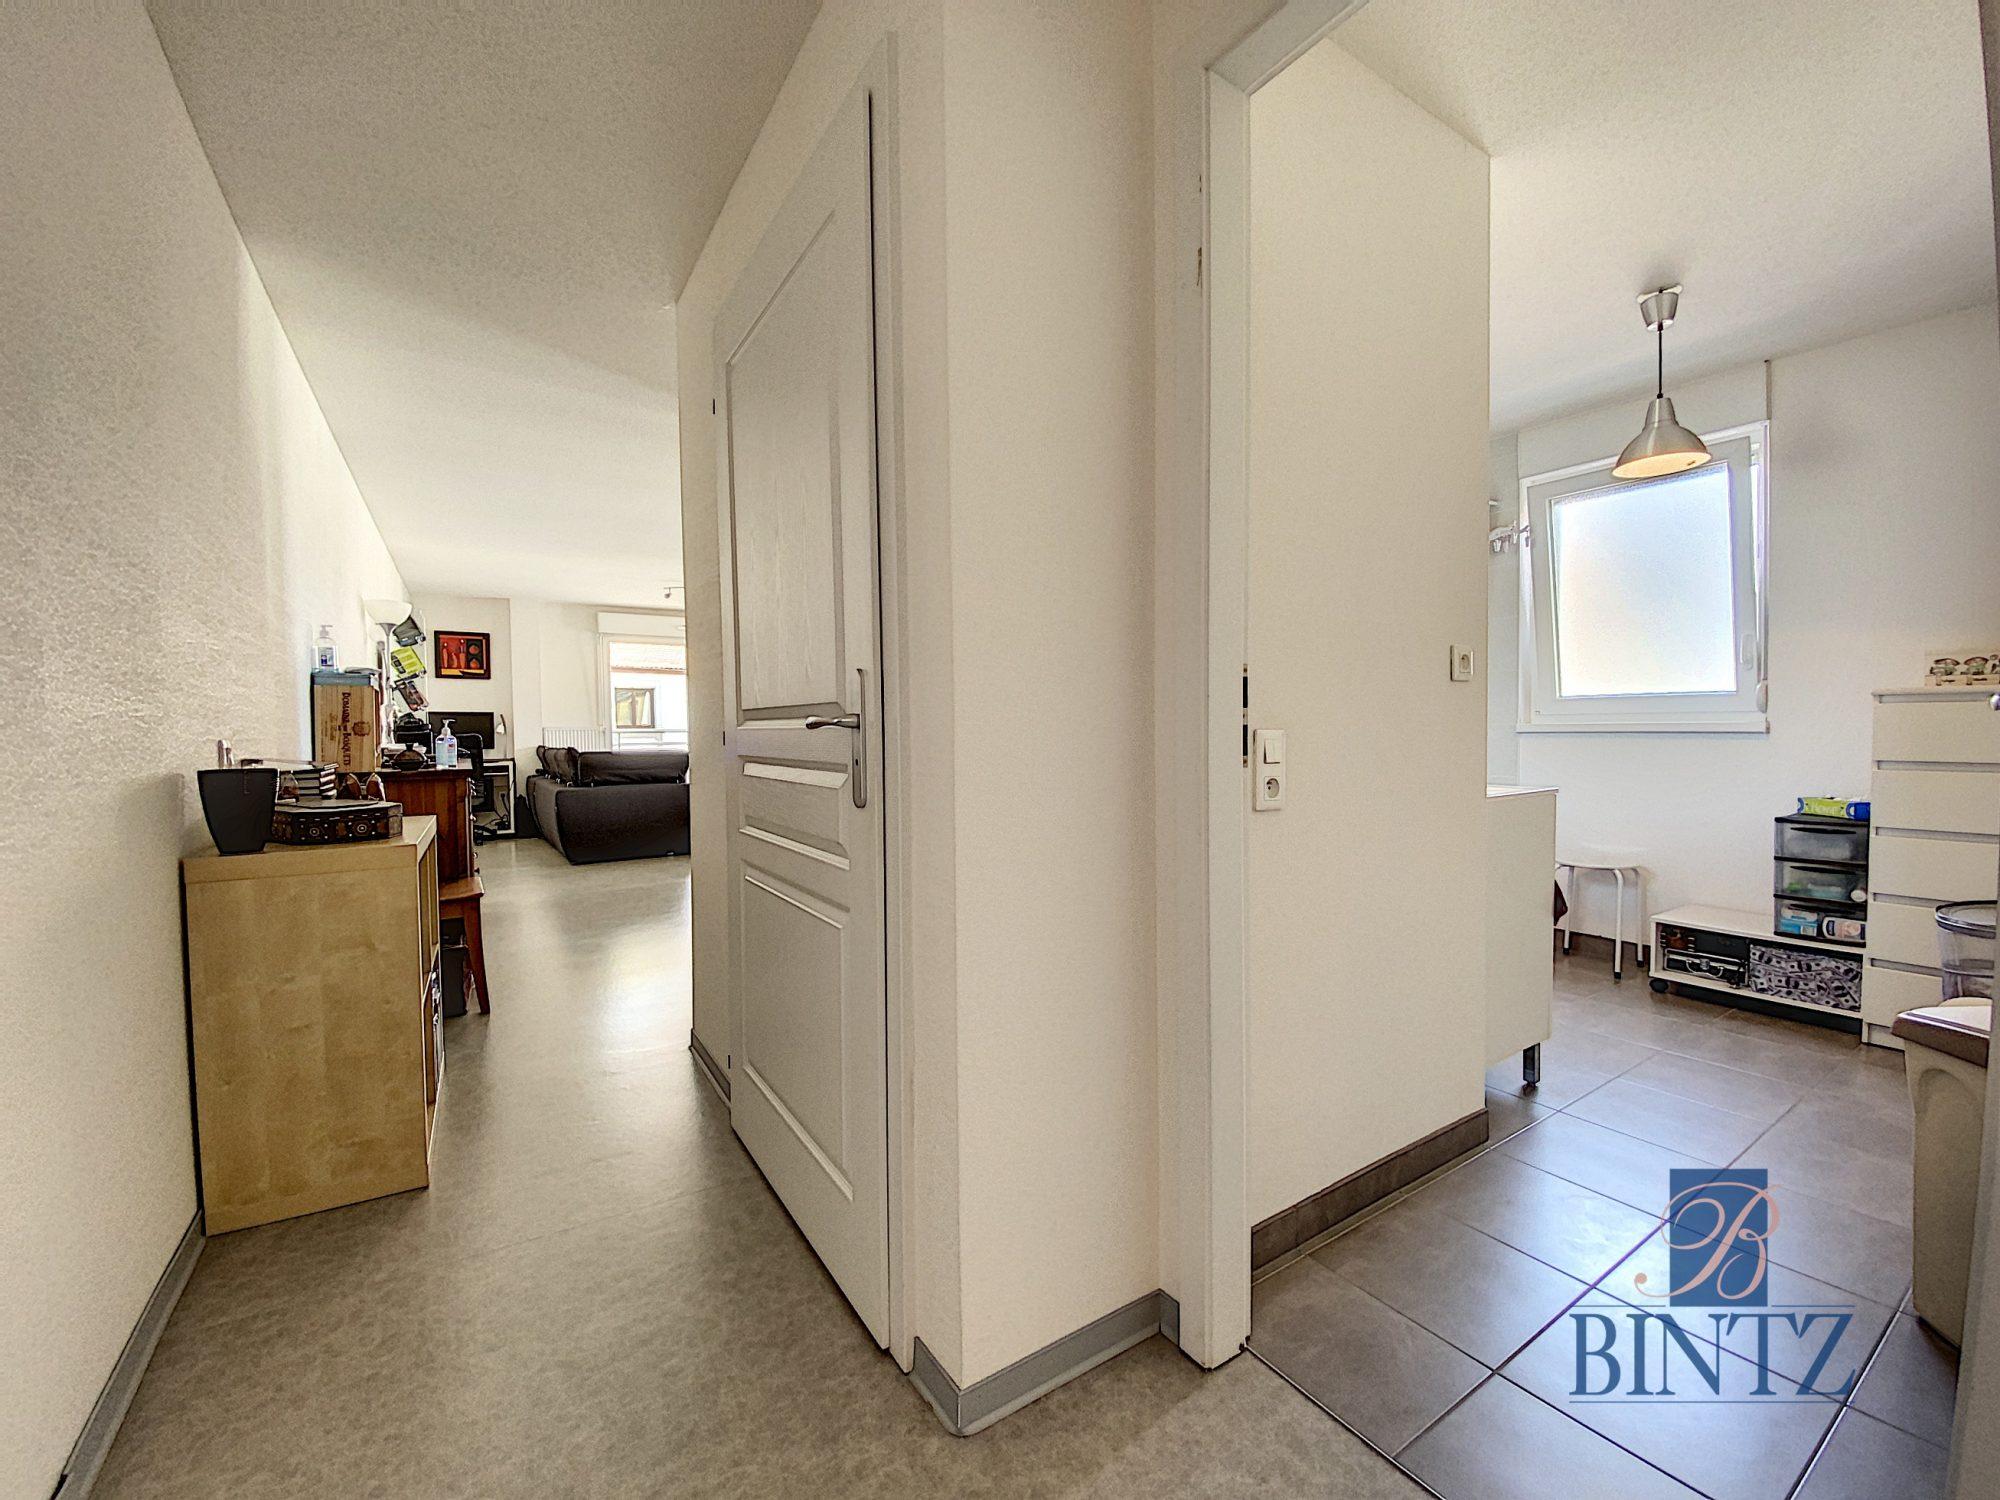 3 pièces neuf avec terrasse Schiltigheim - Devenez propriétaire en toute confiance - Bintz Immobilier - 14